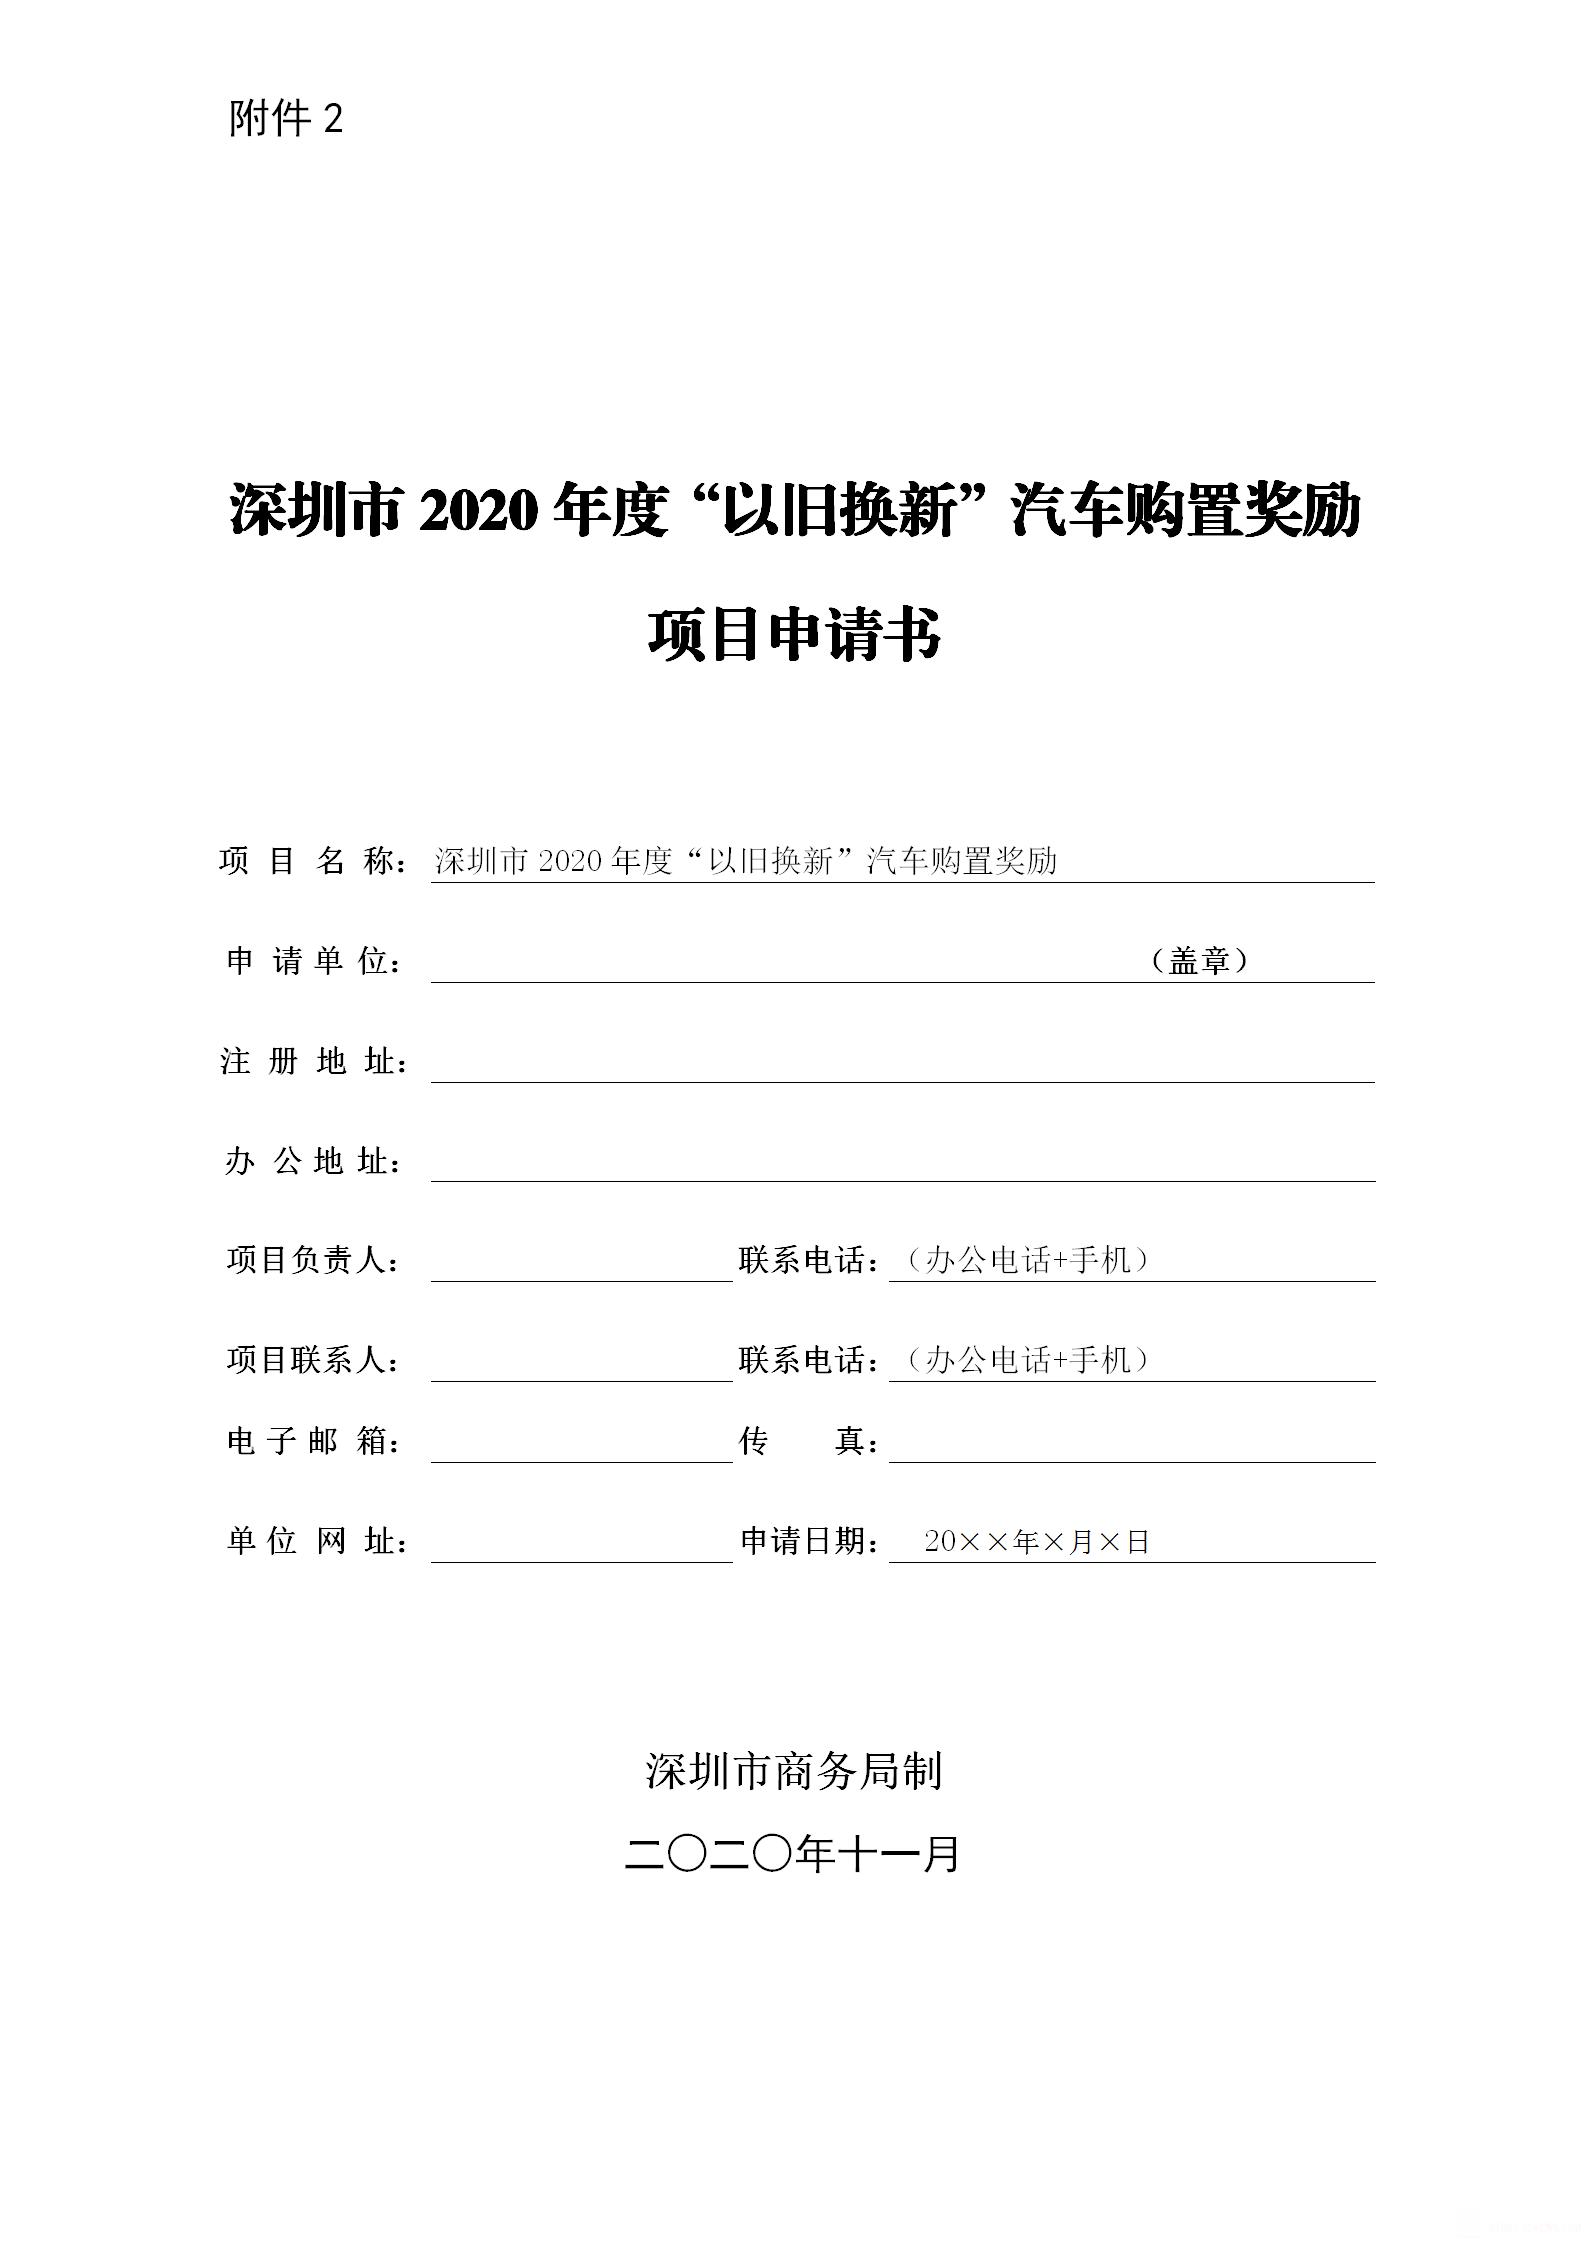 """深圳市2020年度""""以旧换新""""汽车购置奖励项目申请书_01.png"""